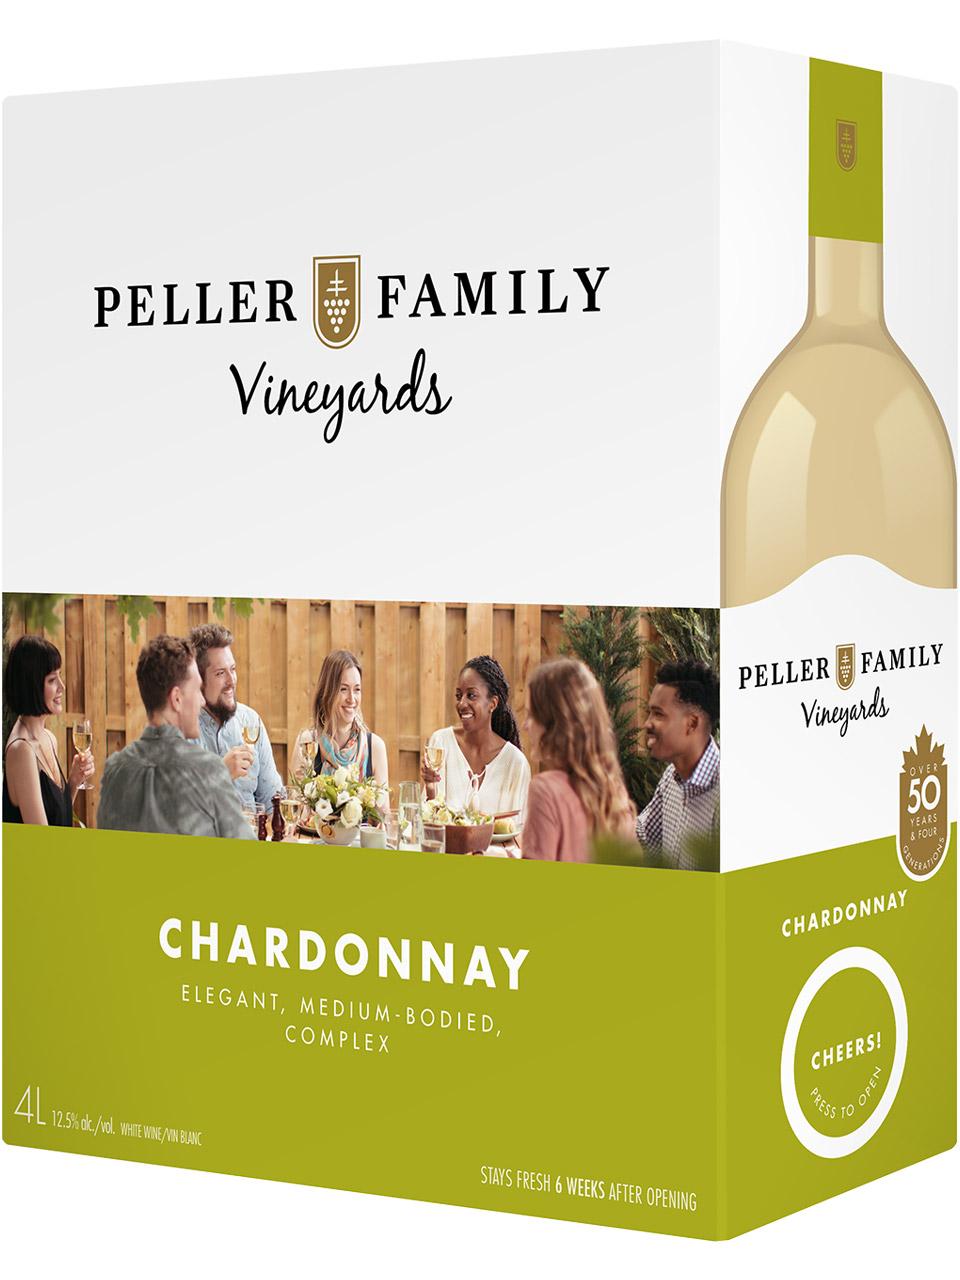 Peller Family Vineyards Chardonnay